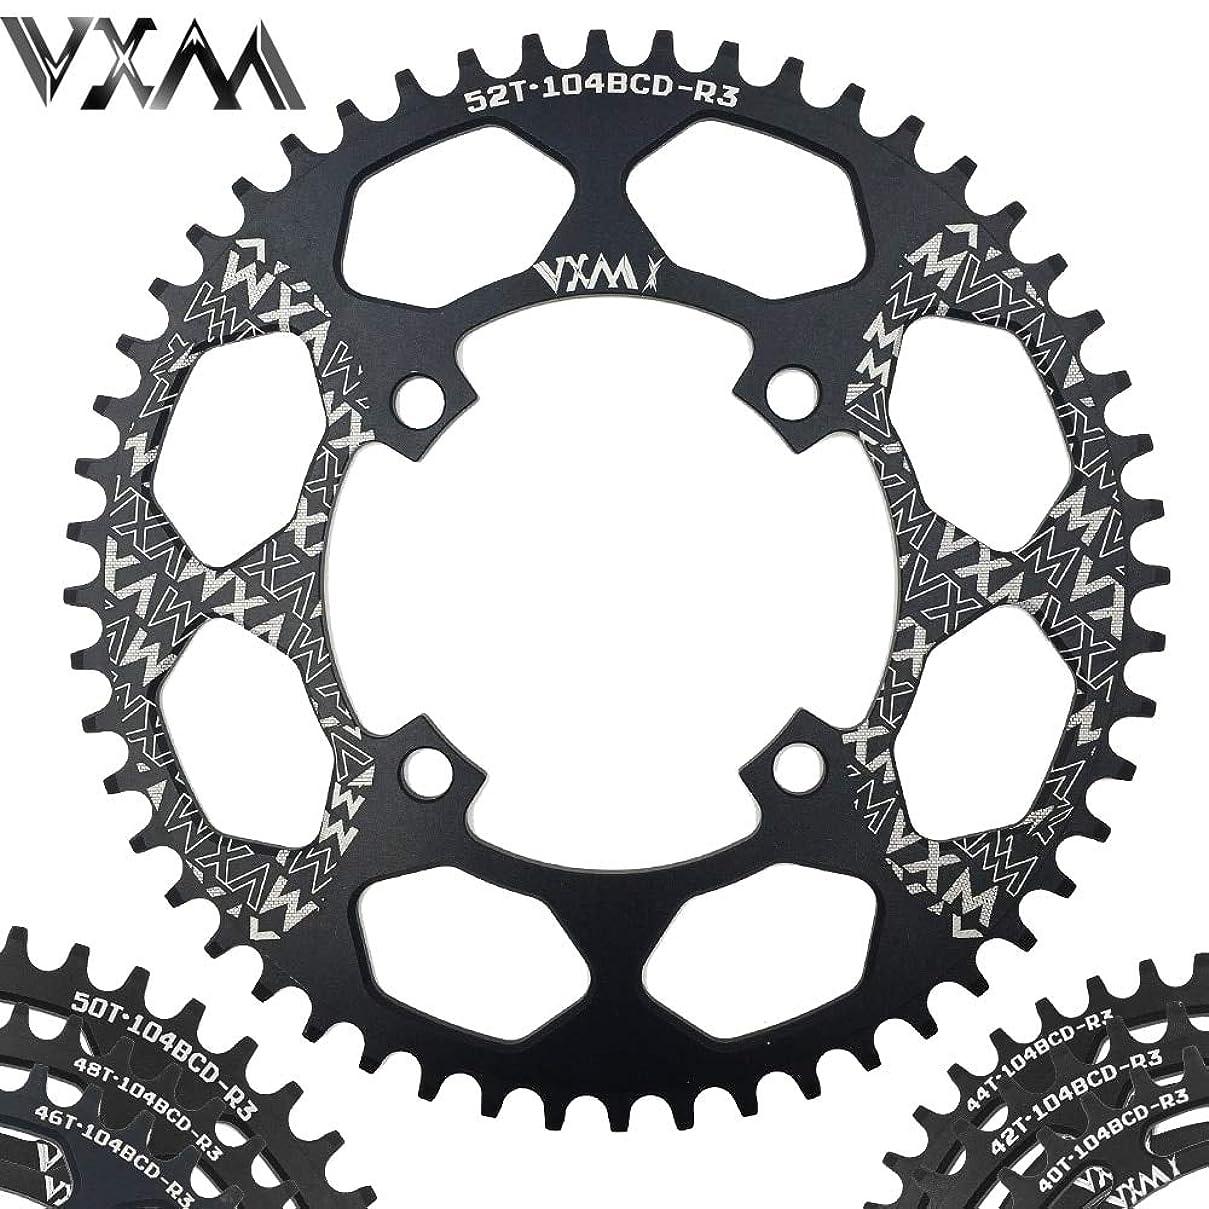 ソーシャルハリケーン城Propenary - Bicycle Aluminum Chainring 104BCD 40T 42T 44T 46T 48T 50T 52T Mountain Bicycle Chainwheel Bike Crankset Bicycle Parts [ 104BCD 46T ]